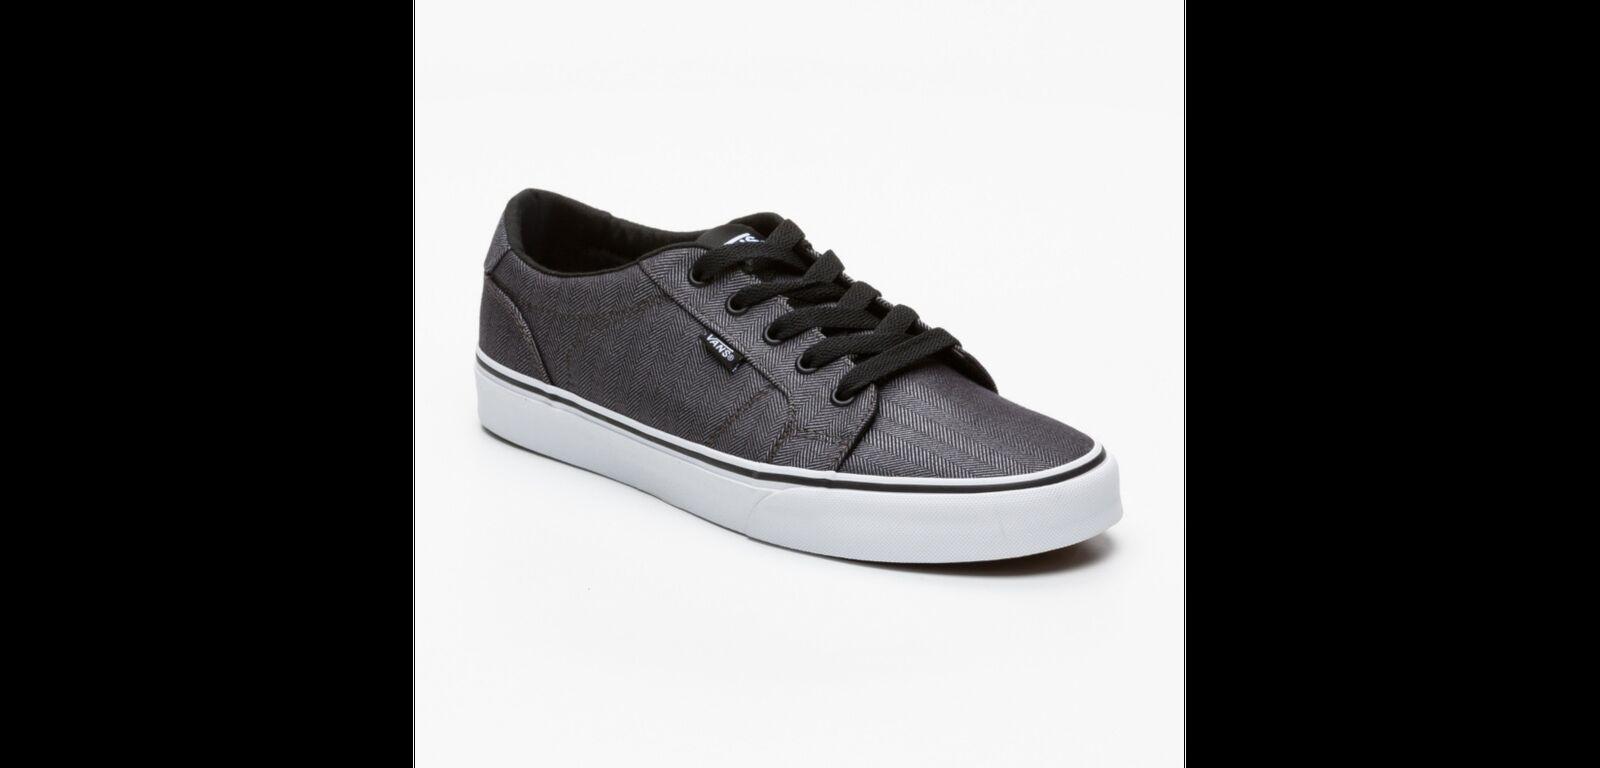 Zapatos gris baskets bishop VANS chevrons gris Zapatos pointure 42 - neuves 603d24